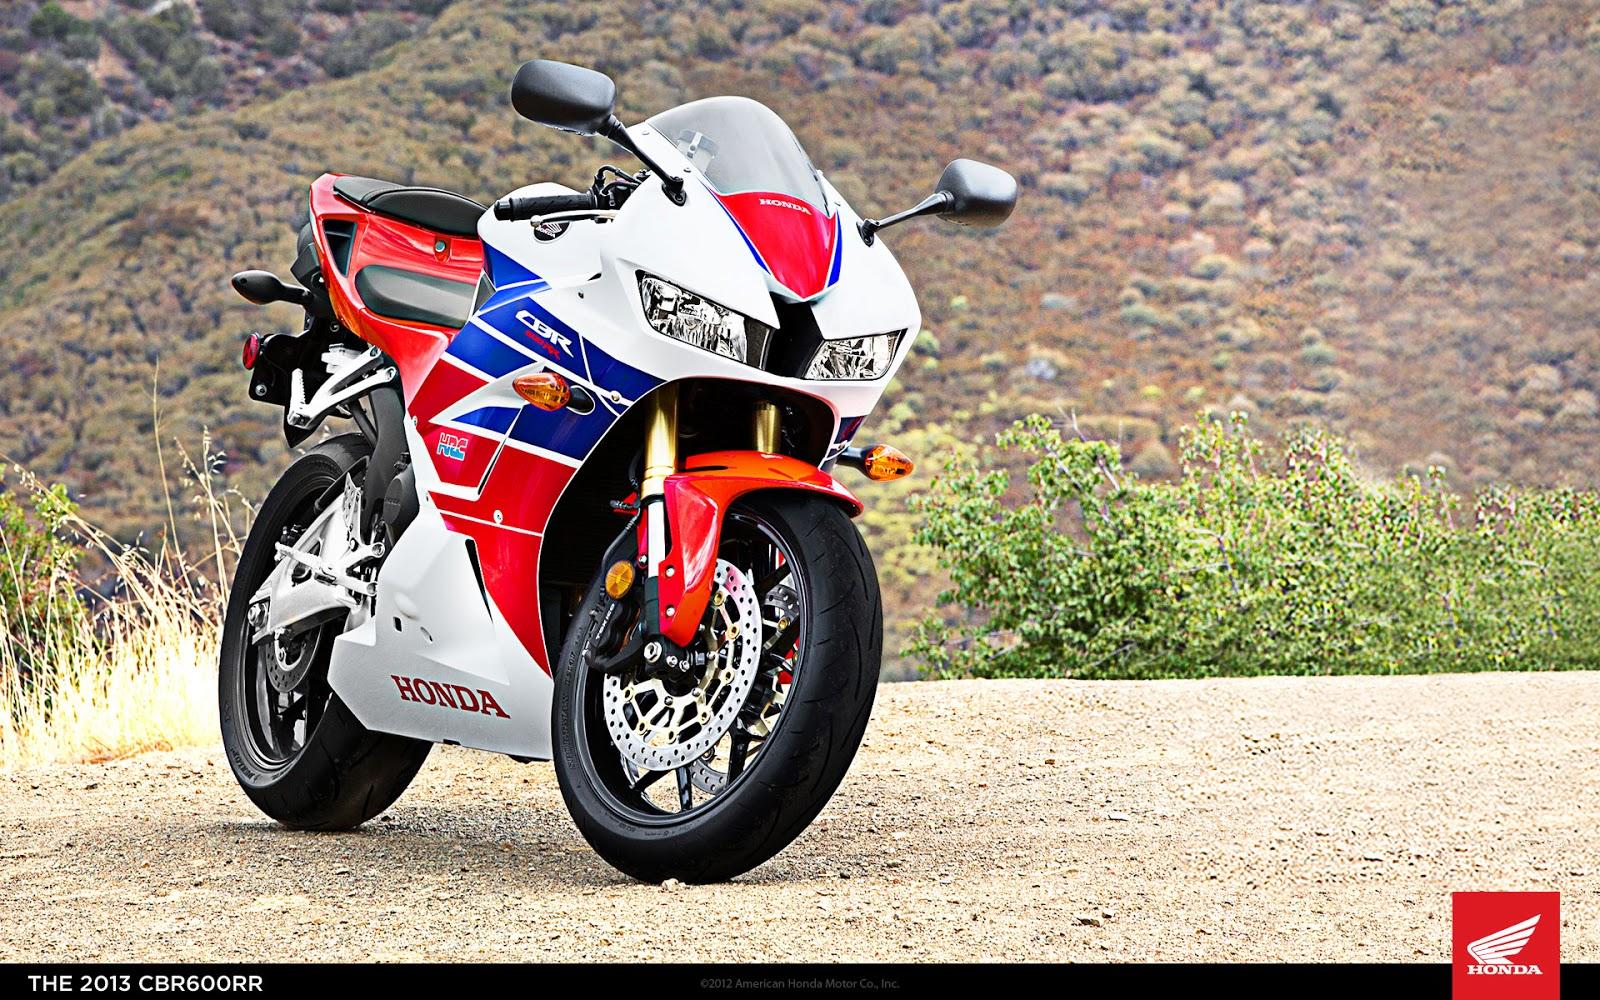 2013 Honda Cbr600rr   Honda Cbr 600rr 2013 1004487   HD 1600x1000